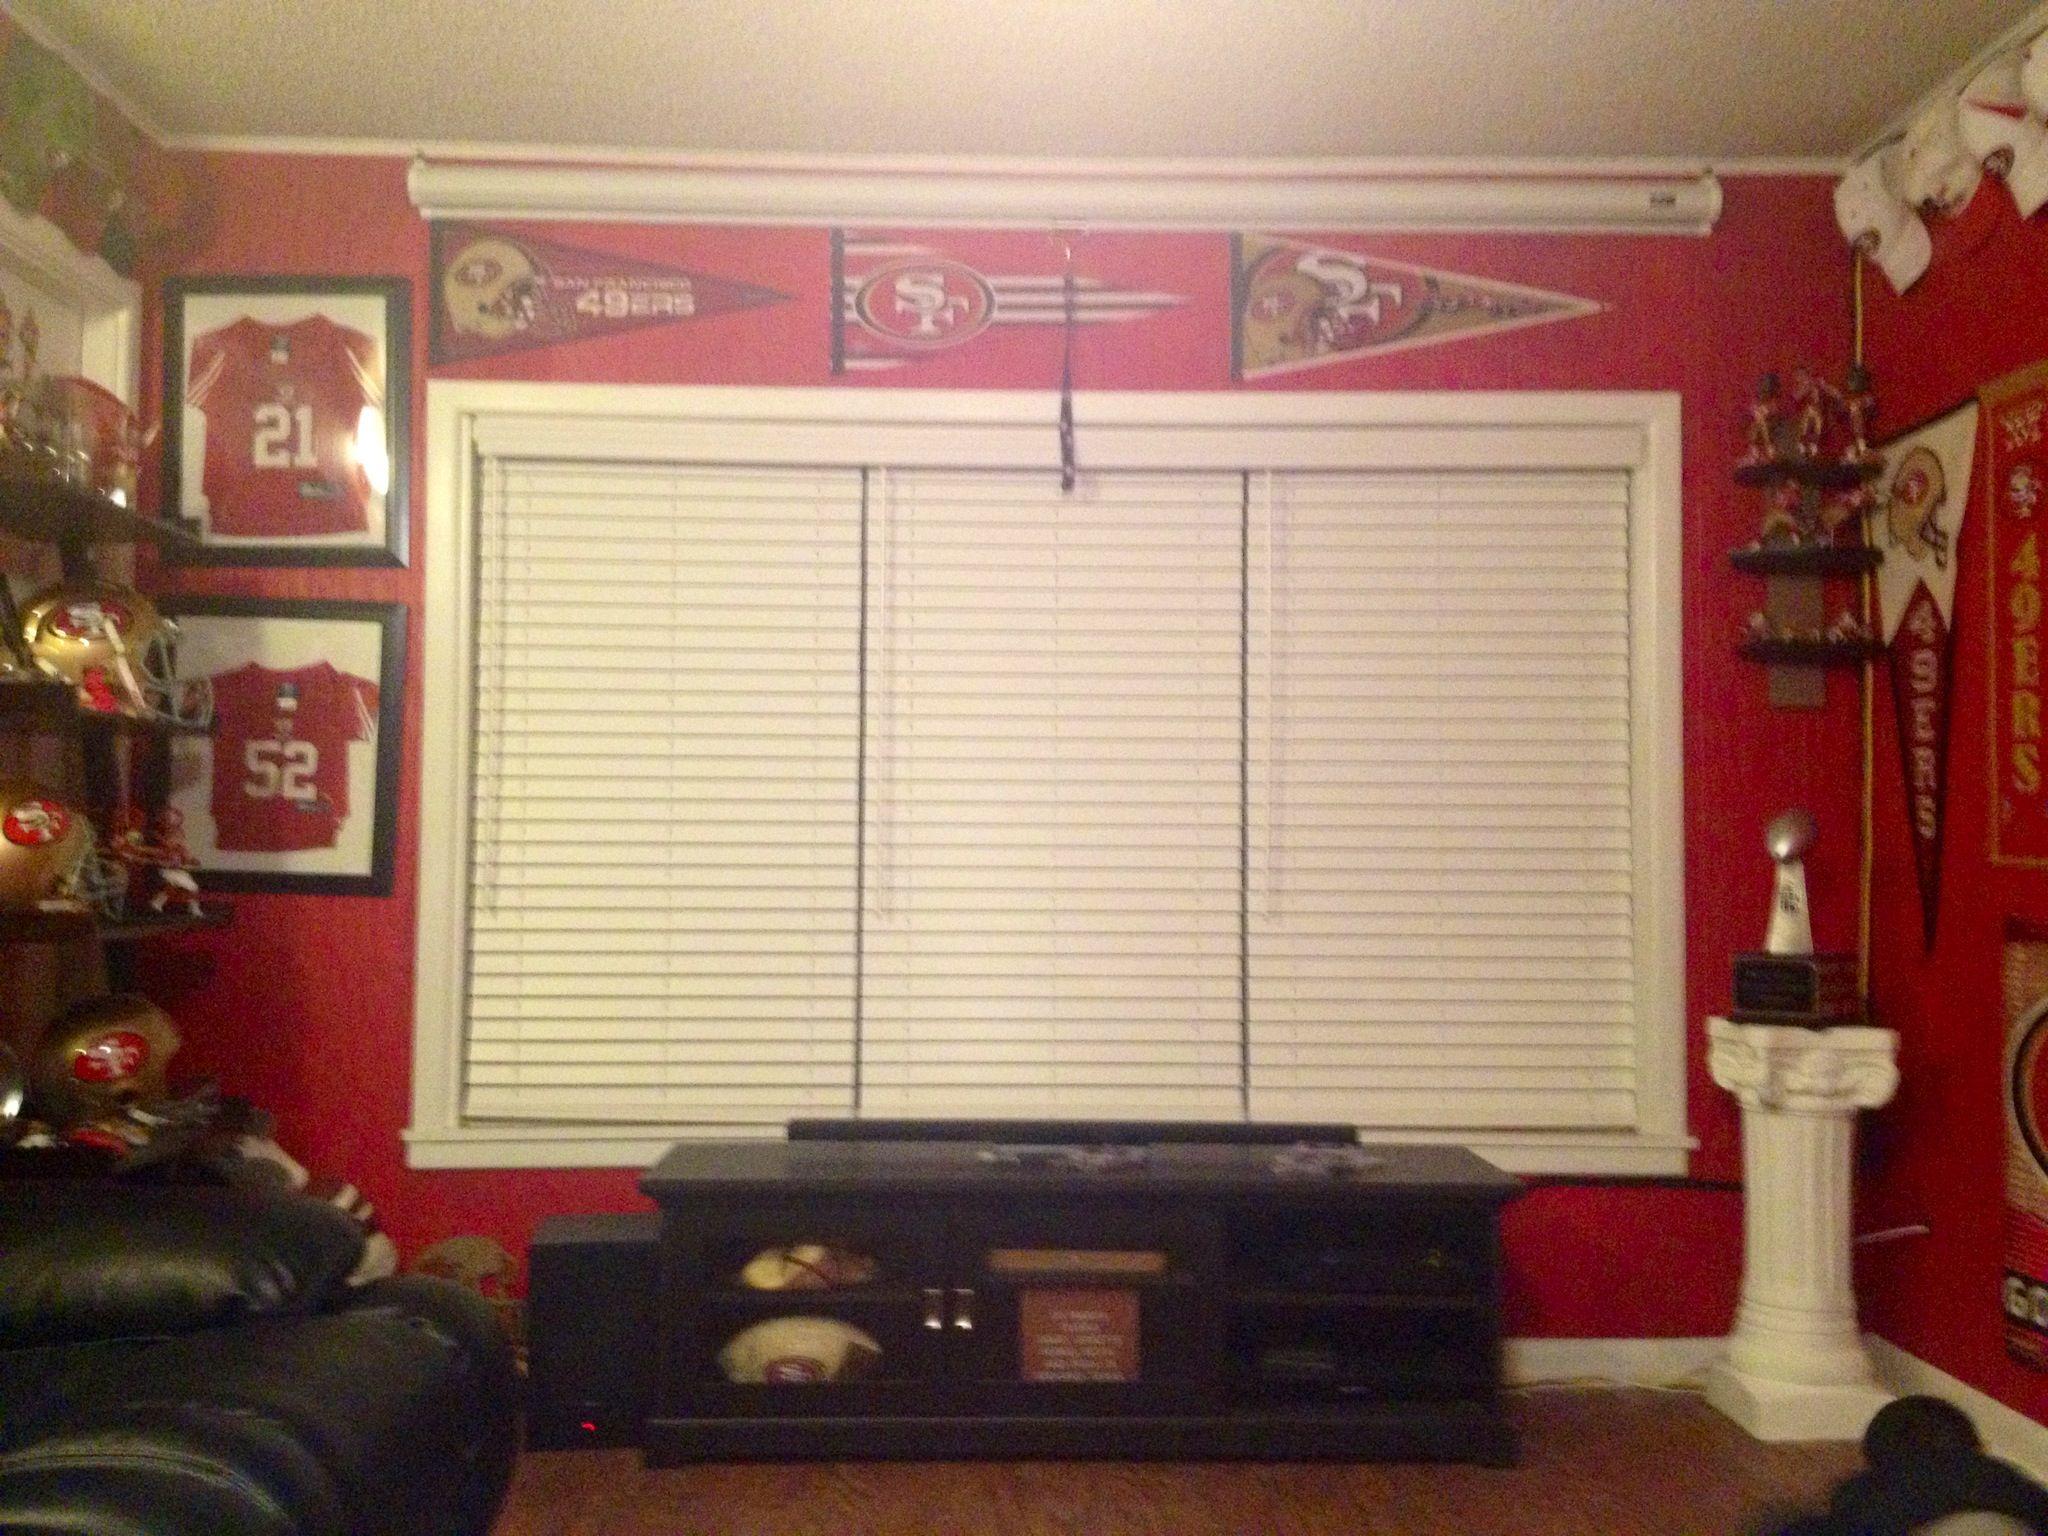 49ers Room Humm I Guess I Ll Show Him 49ers Room Home Decor Game Room